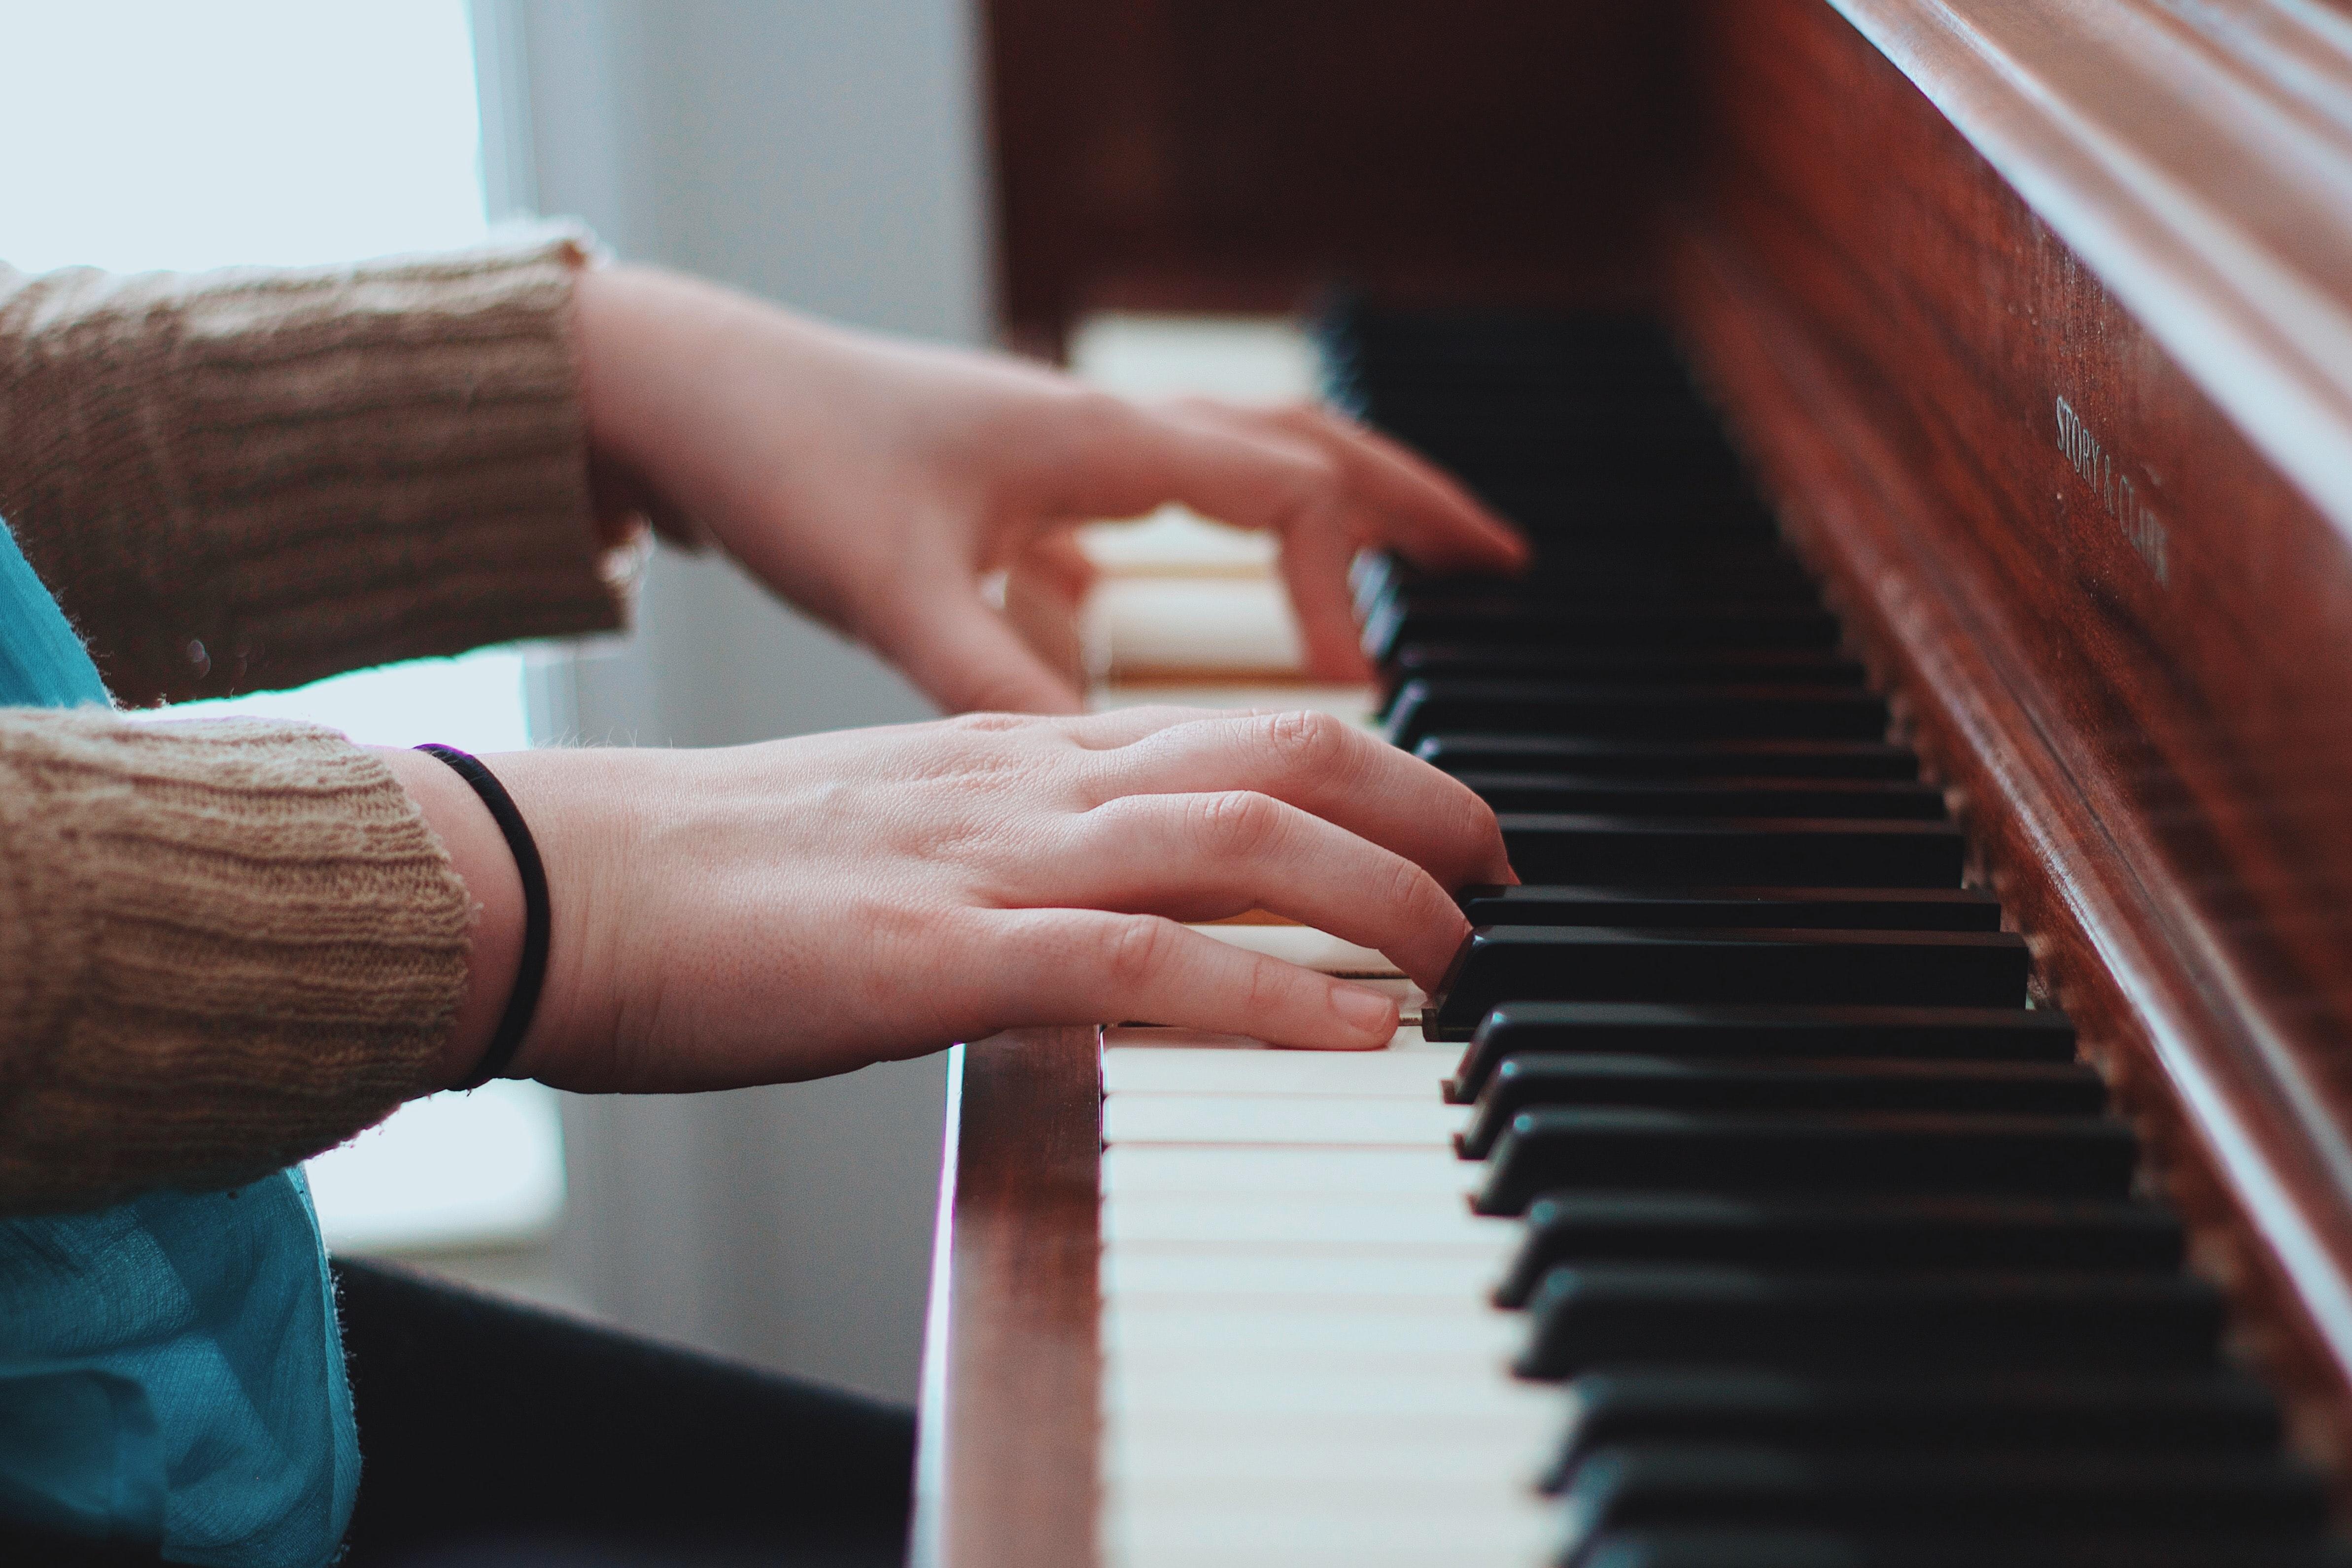 Comment apprendre le piano en ligne avec flowkey? 1